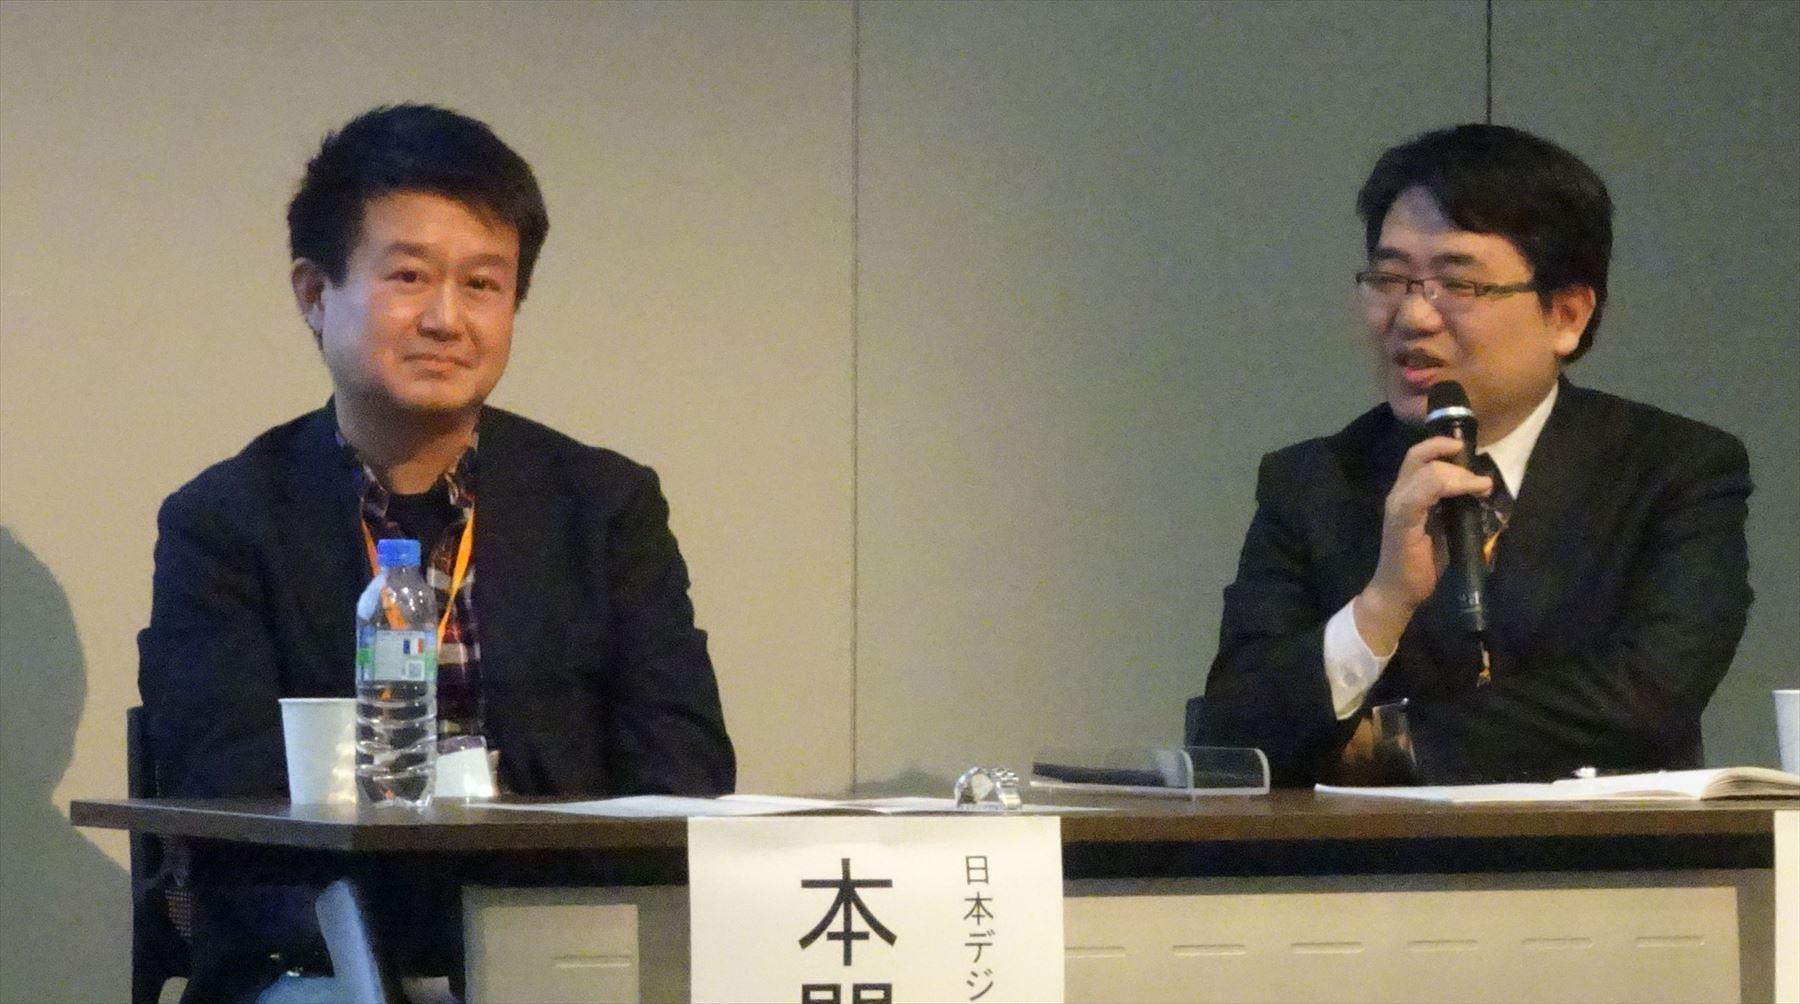 岩下直行・京都大学教授(右)と本間善実・日本デジタルマネー協会代表理事